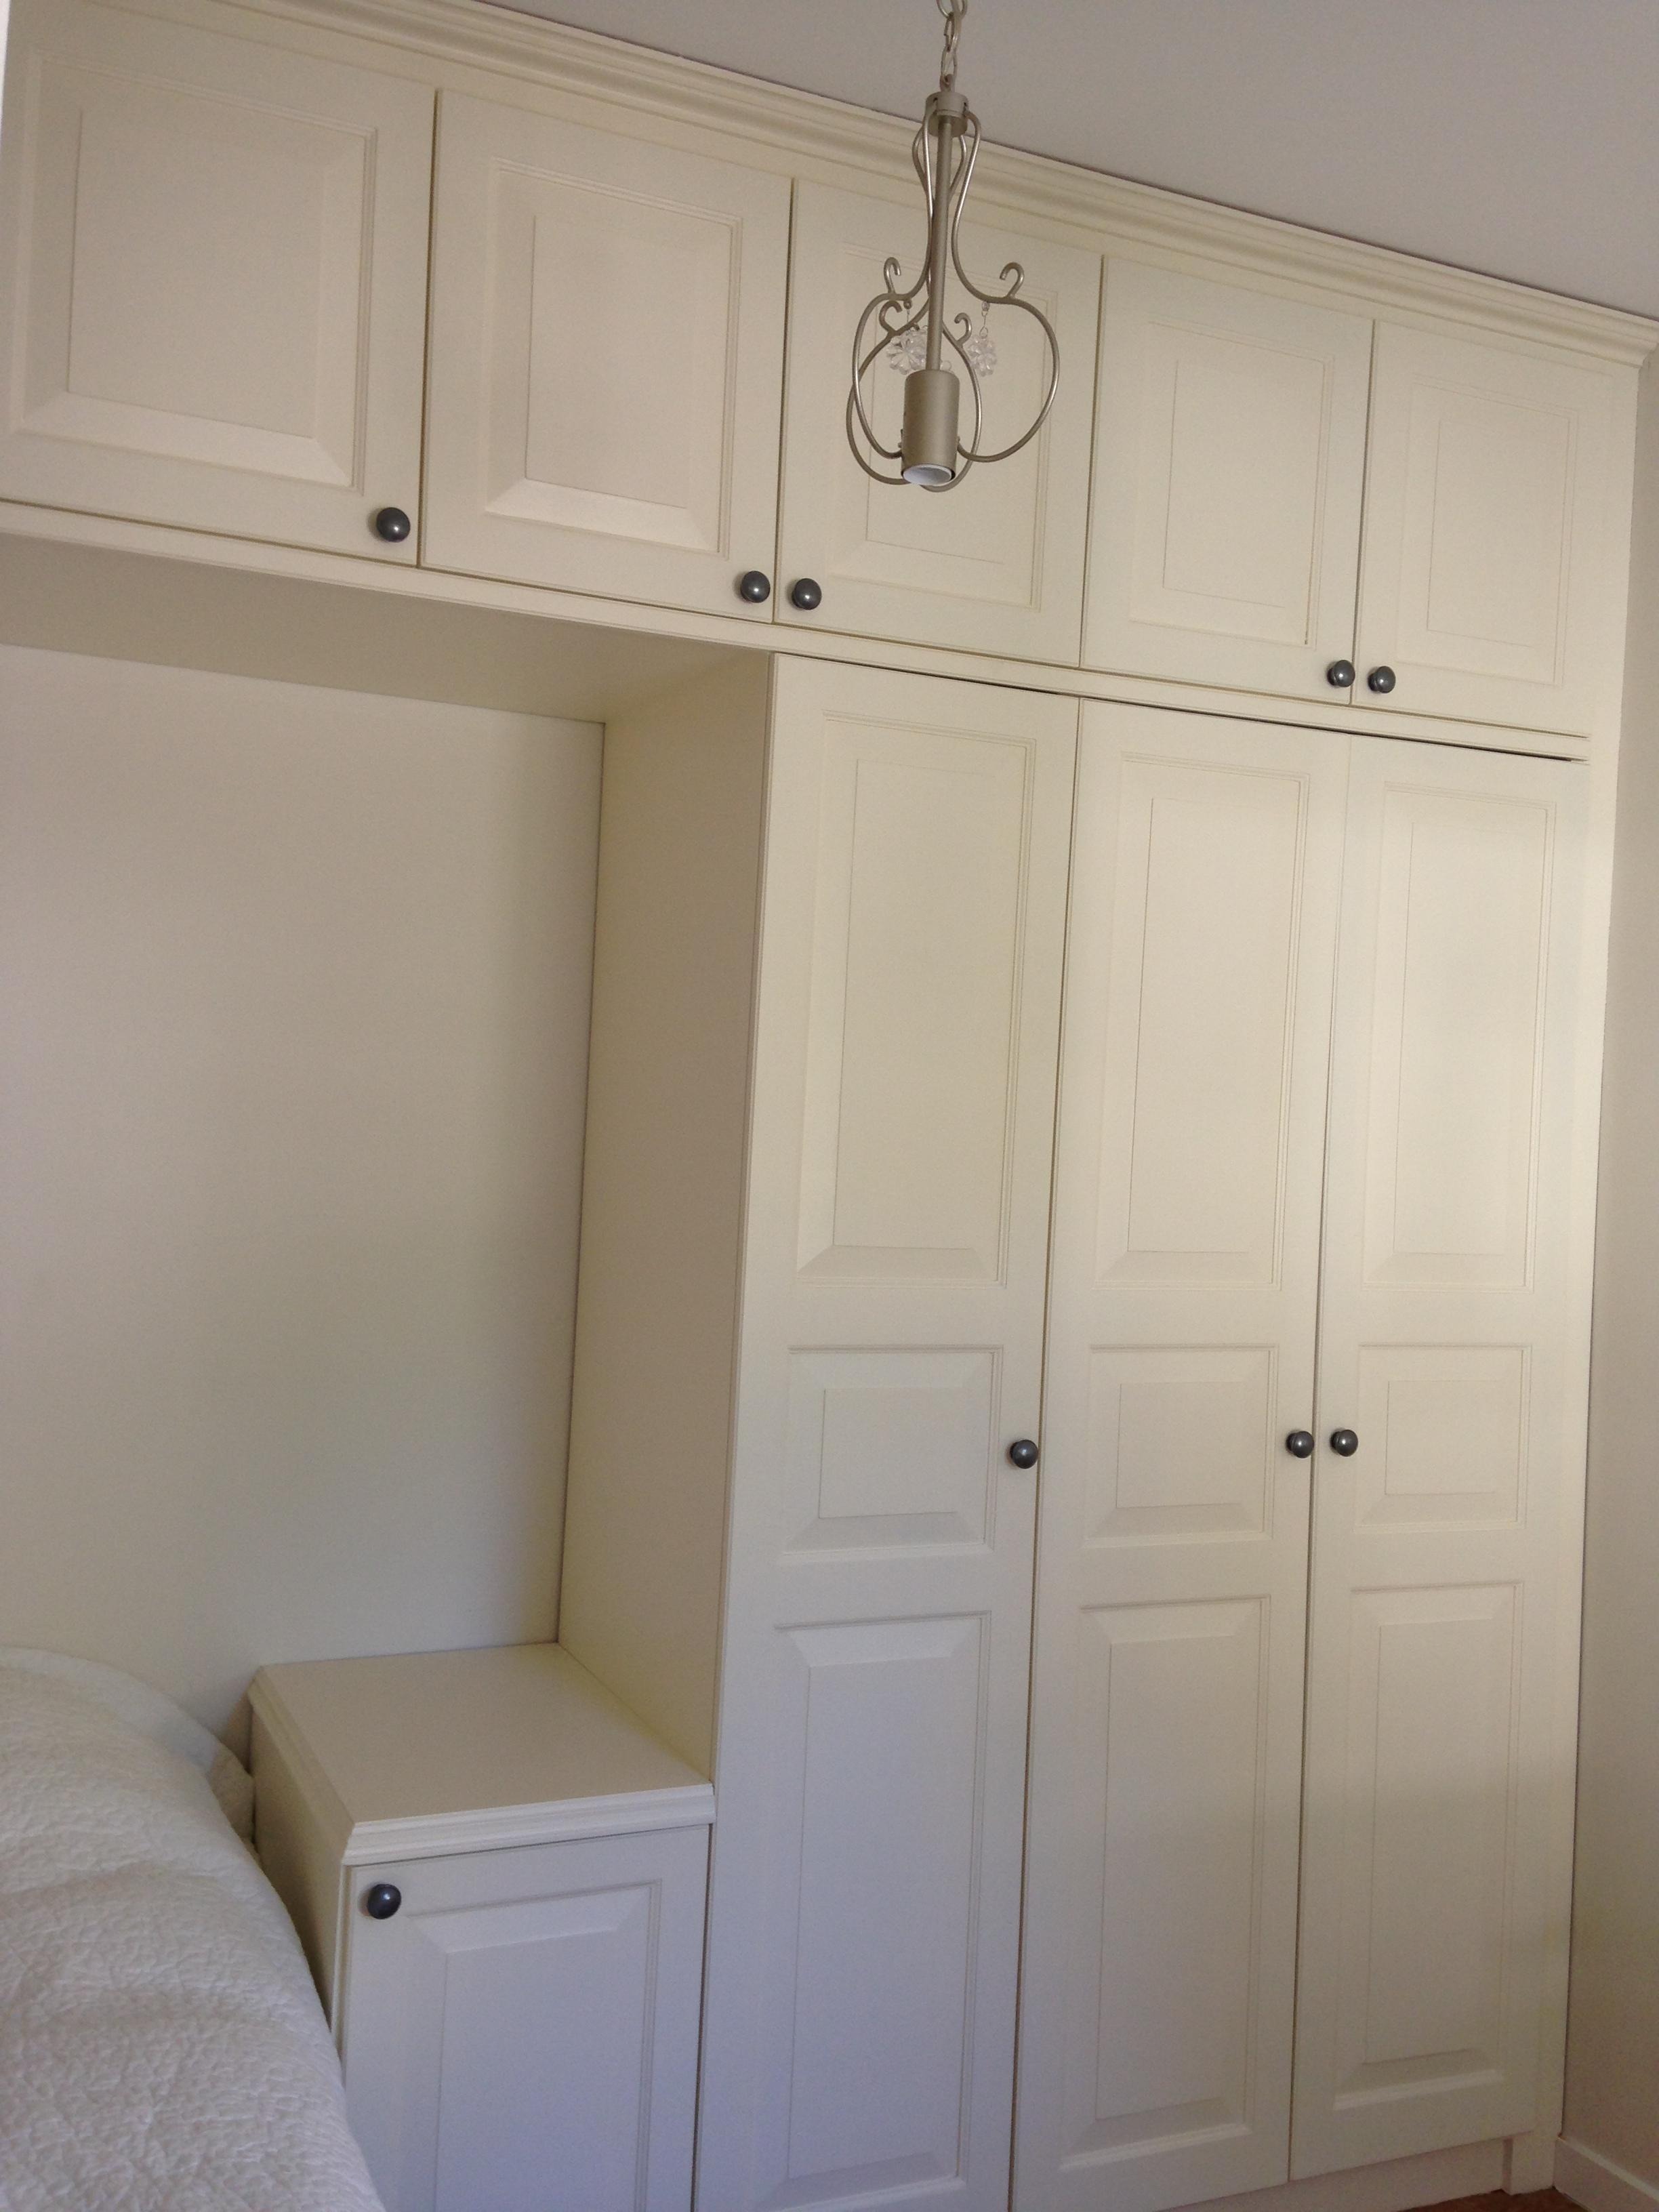 Plats byggda garderober i sovrum samt plats byggda skåpsluckor till kök, 2014 u2013 E light Bygg